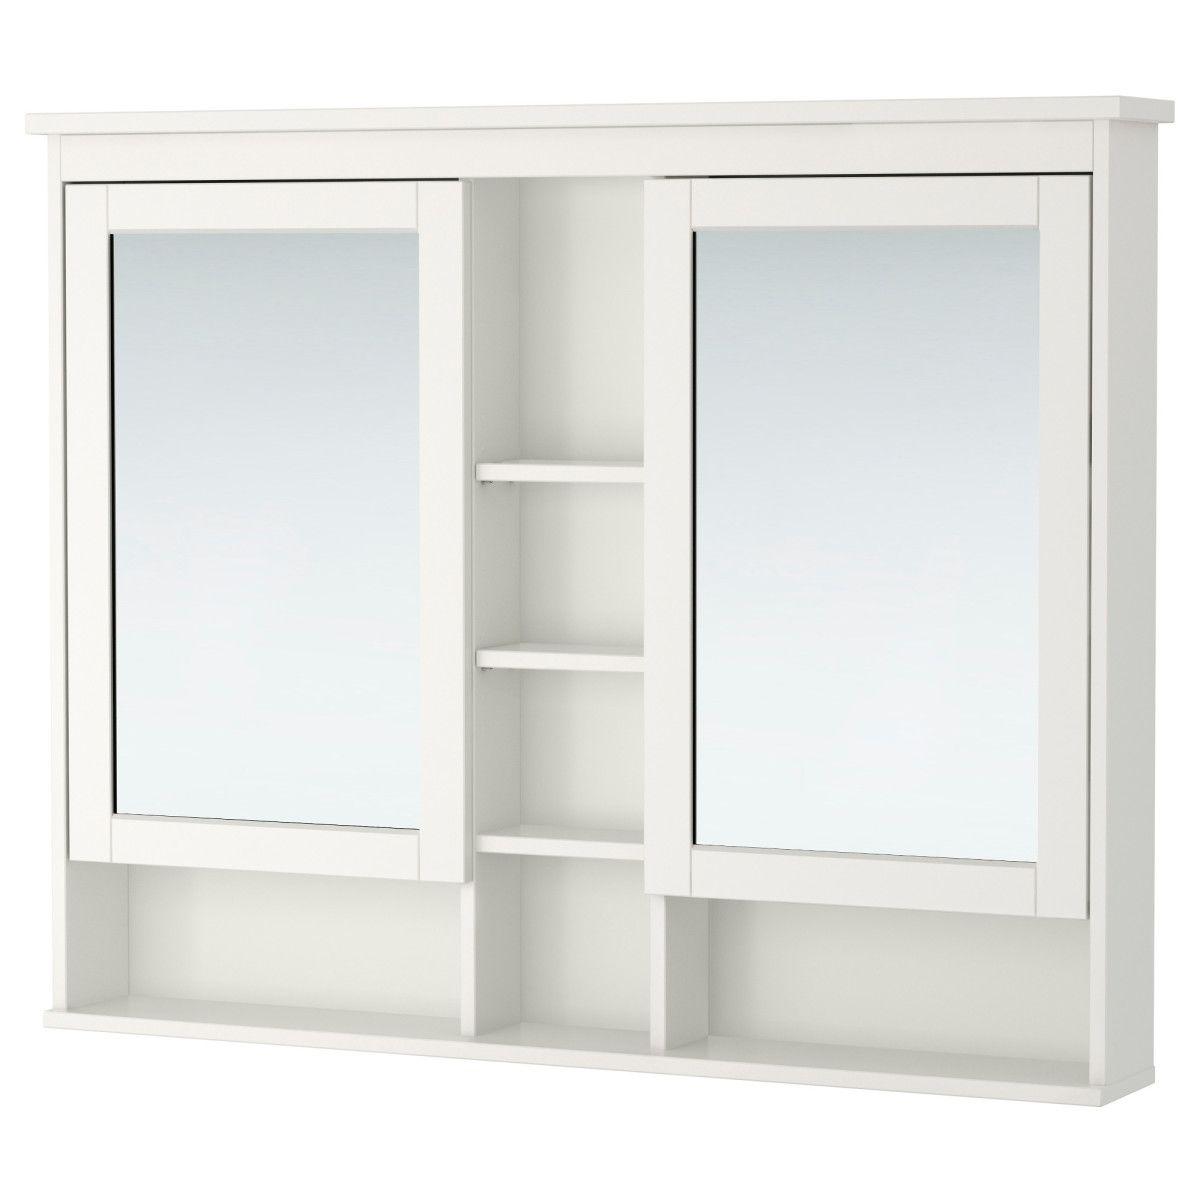 Badezimmer Spiegelschrank Bad Ikea